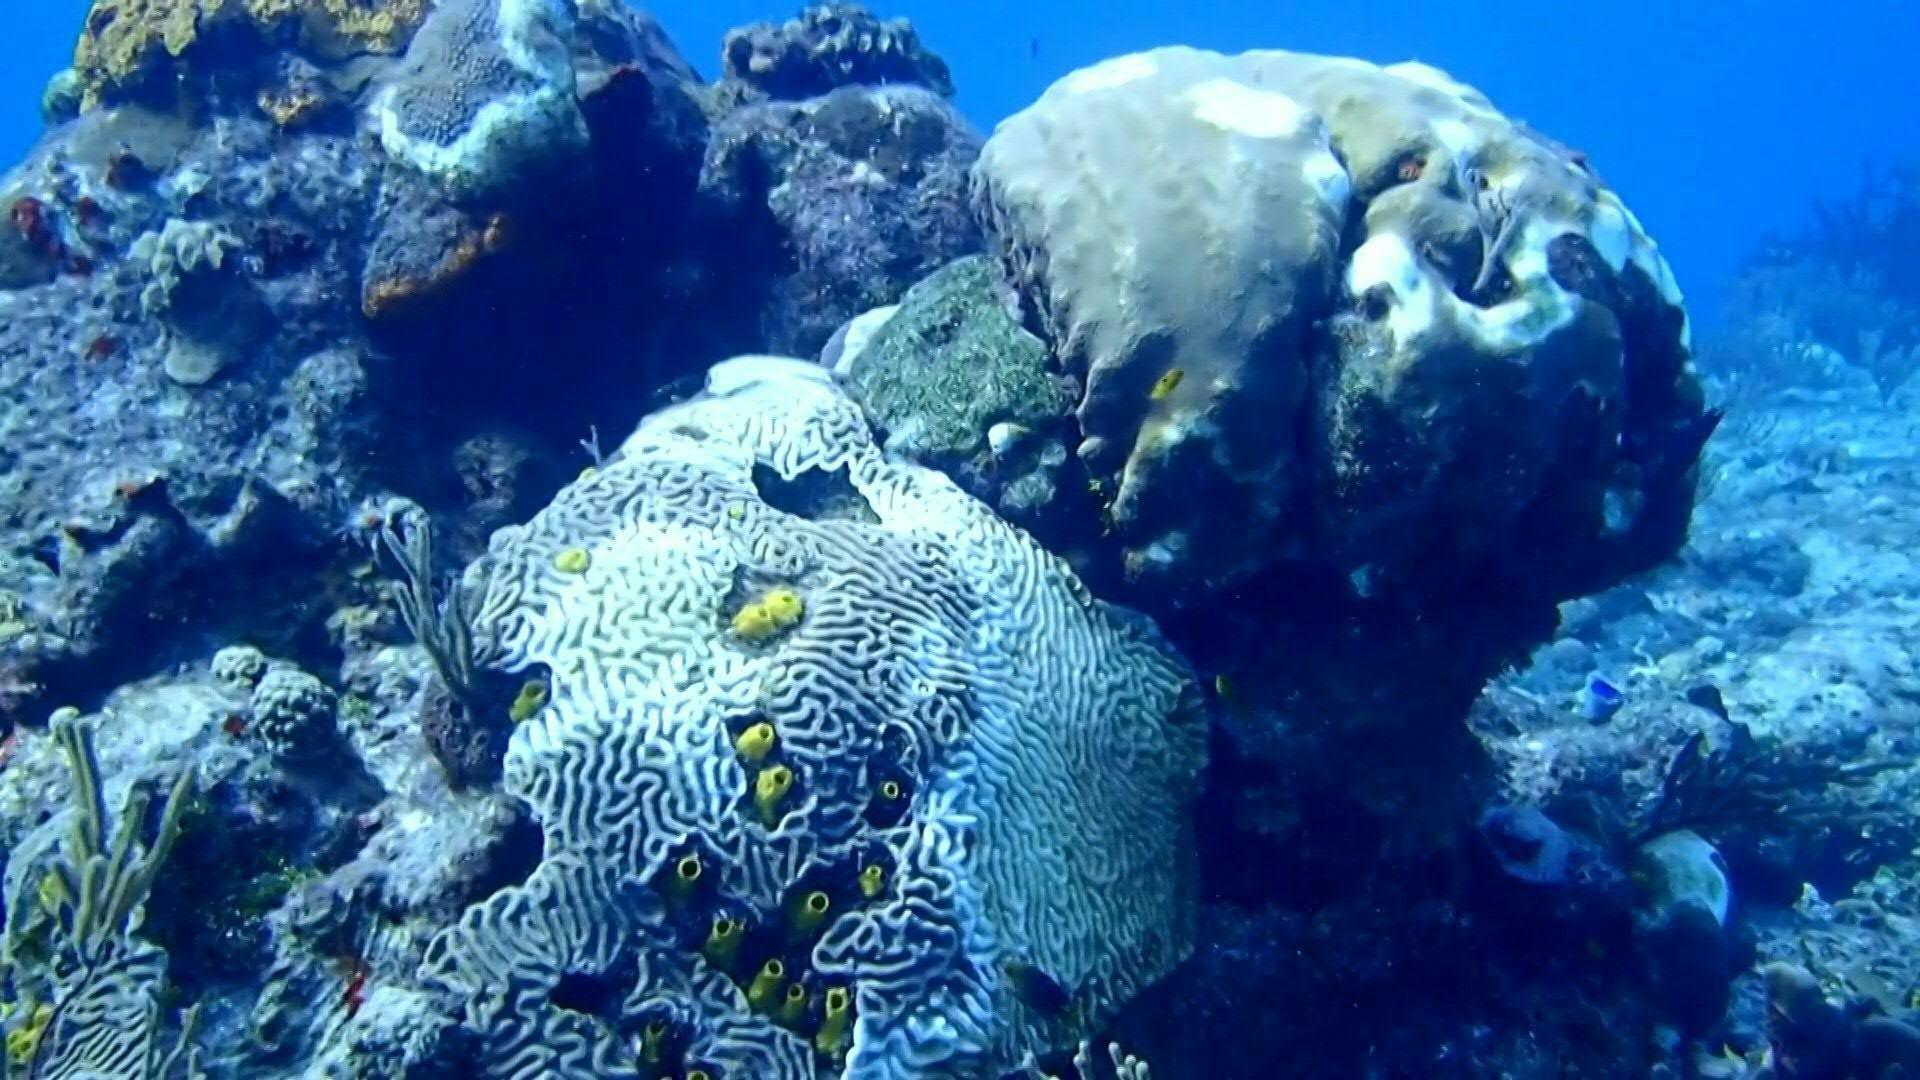 Los arrecifes del Caribe mexicano han perdido más del 30% de su cobertura de coral debido a esta enfermedad bautizada como